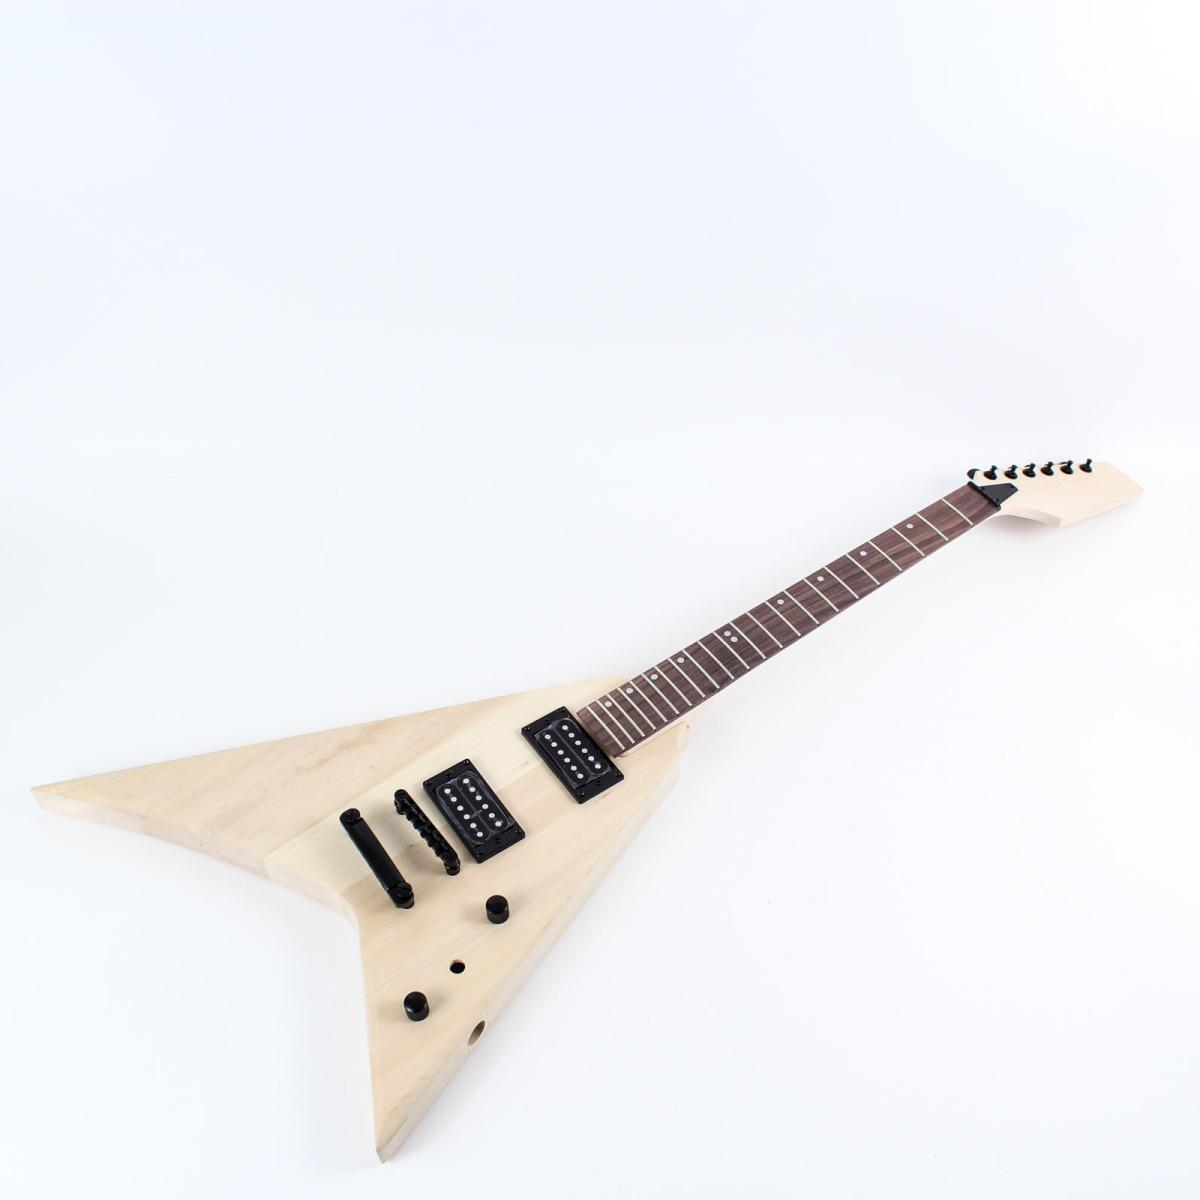 jackson flying v style diy guitars. Black Bedroom Furniture Sets. Home Design Ideas